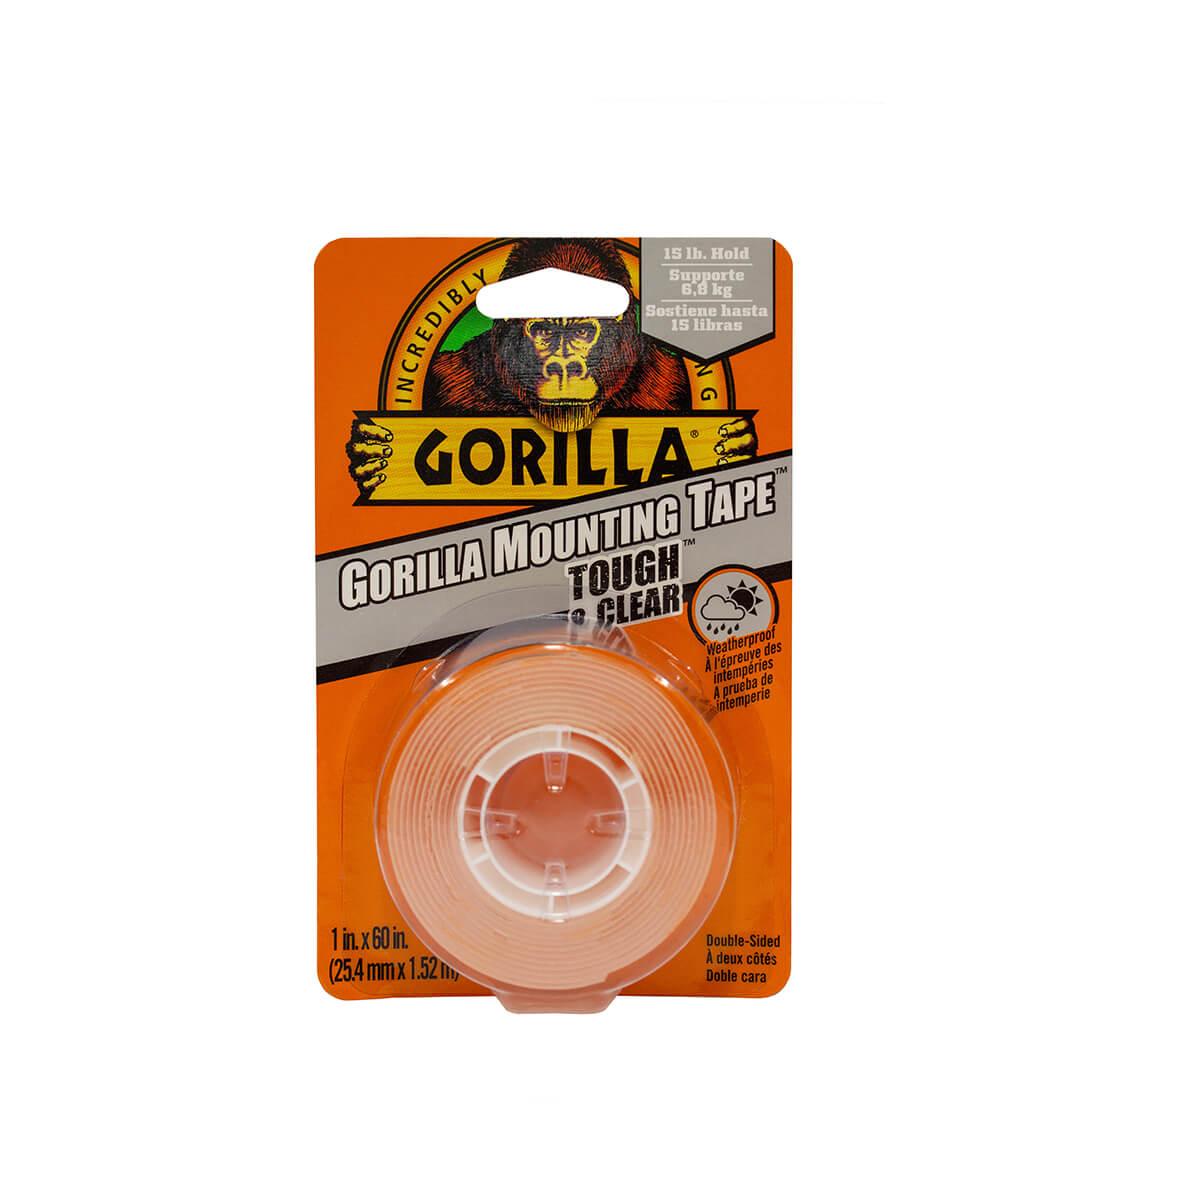 Gorilla Heavy Duty Mounting Tape - 1-in x 60-in